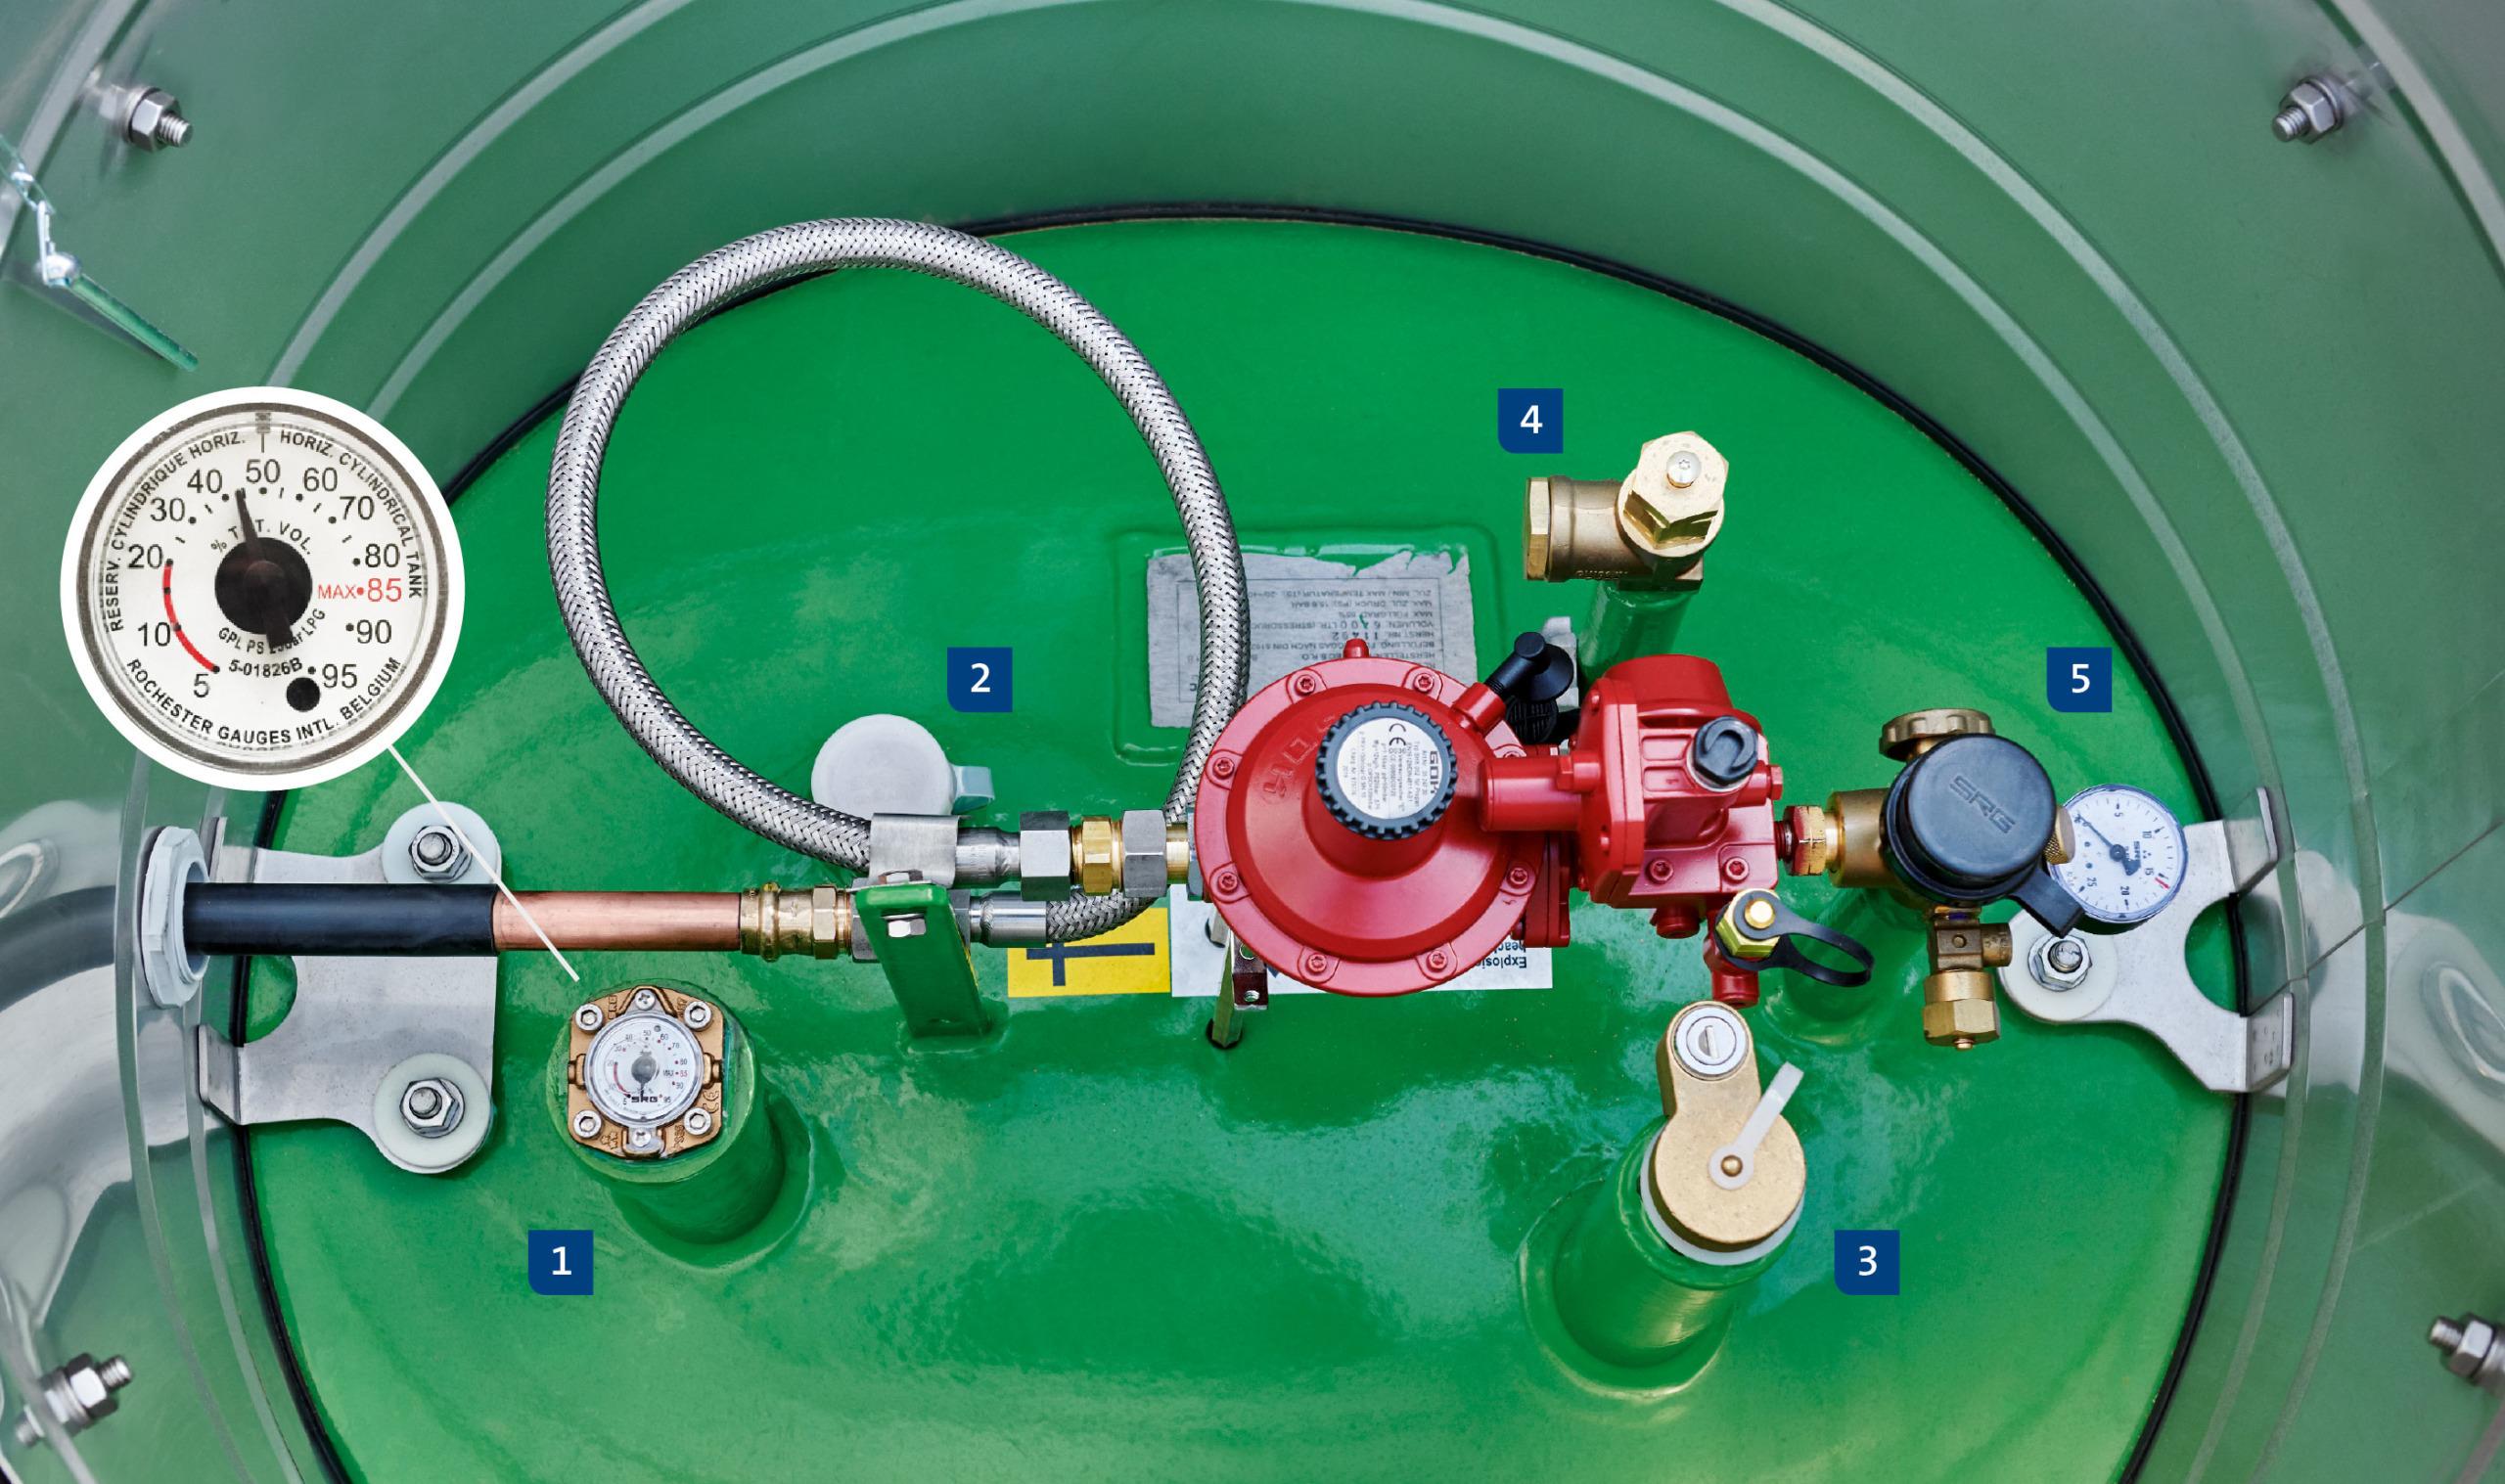 Die Armaturen eines Flüssiggas-Tanks mit Inhaltsanzeiger, Sicherheitsventil, Füllventil, Flüssigentnahmeventil und Gasentnahmeventil mit Überfüllsicherung.